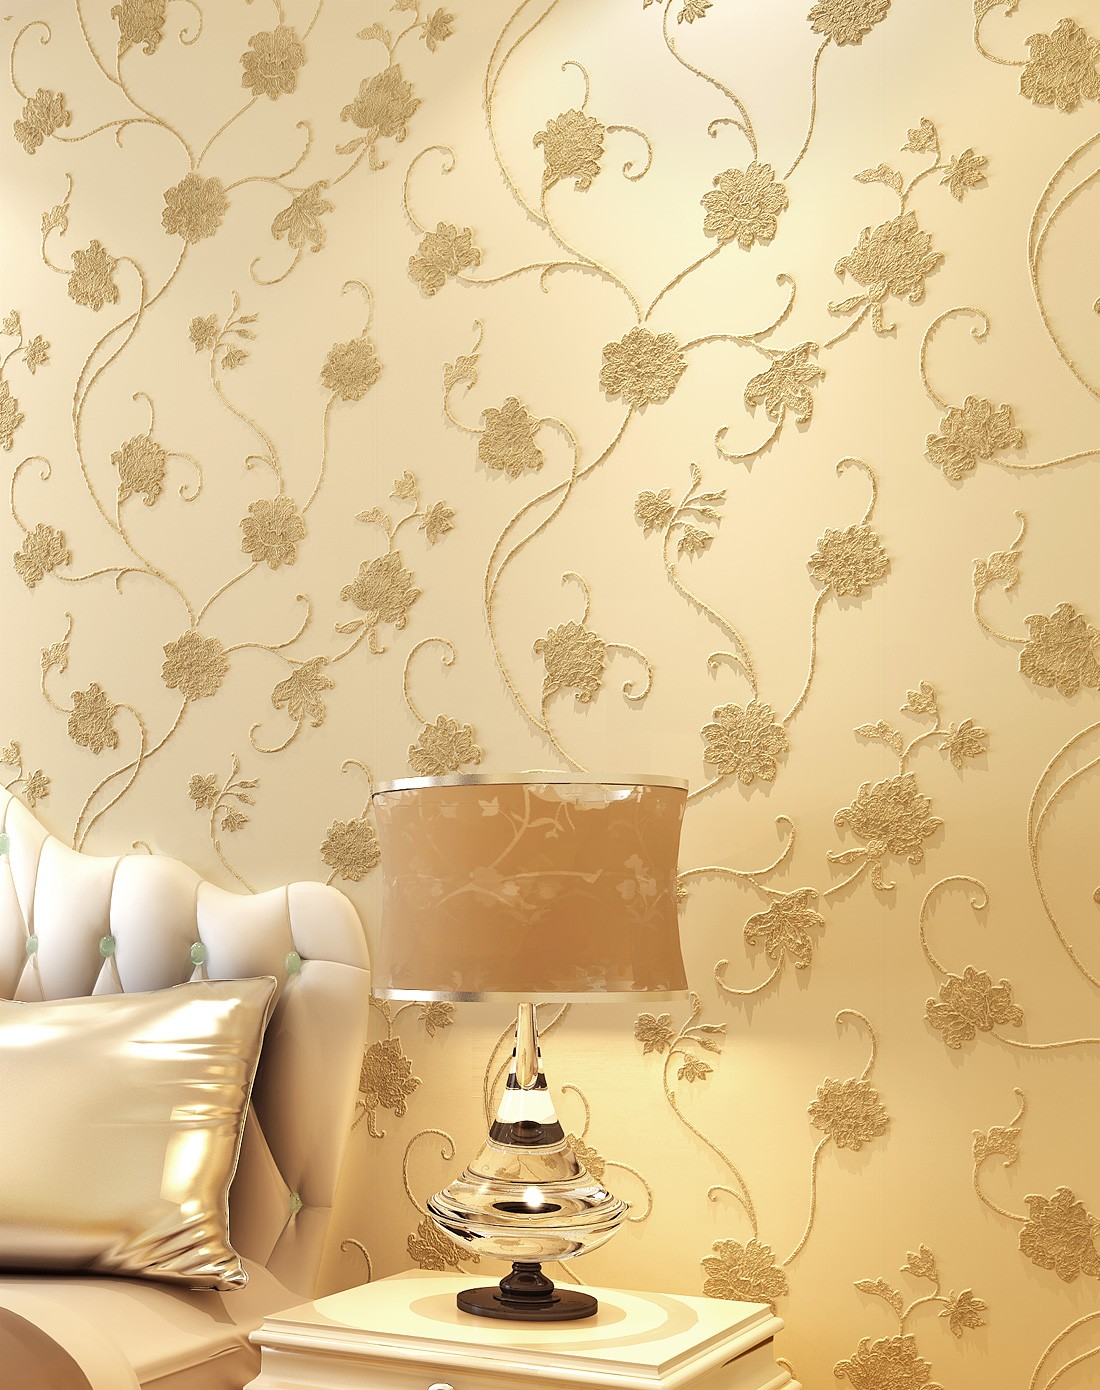 米黄色无纺布温馨浪漫欧式满铺墙纸